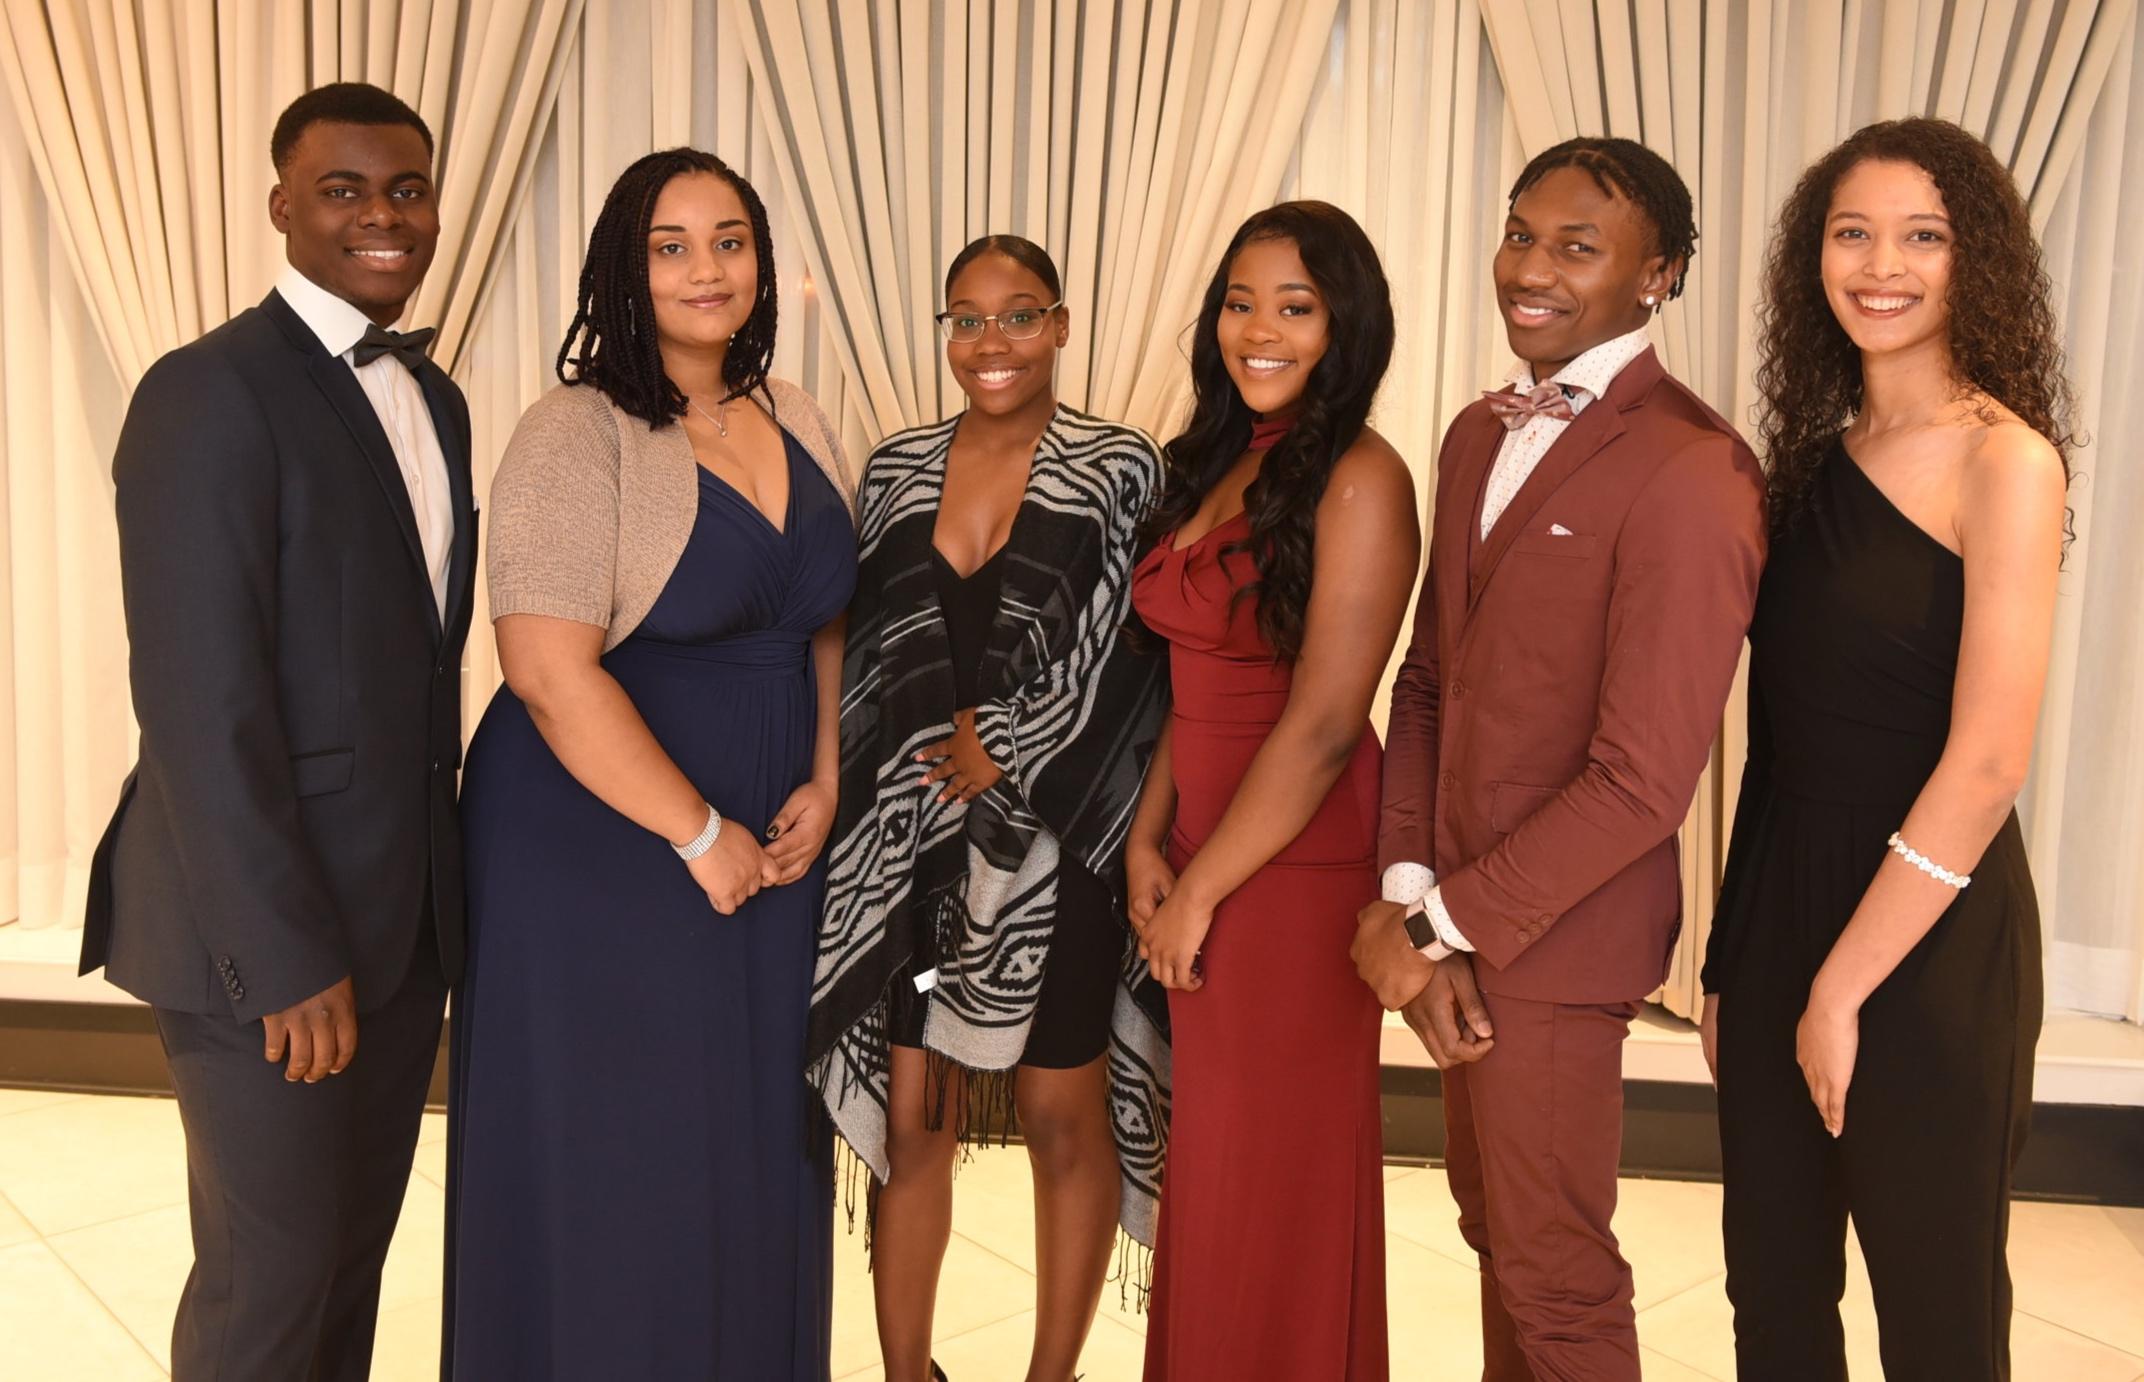 Tolu Bankole (l), Bernadette Mukendi, Tahiya Johnson, Jhanae Ross, Odinaka Onyido & Drew McFayden